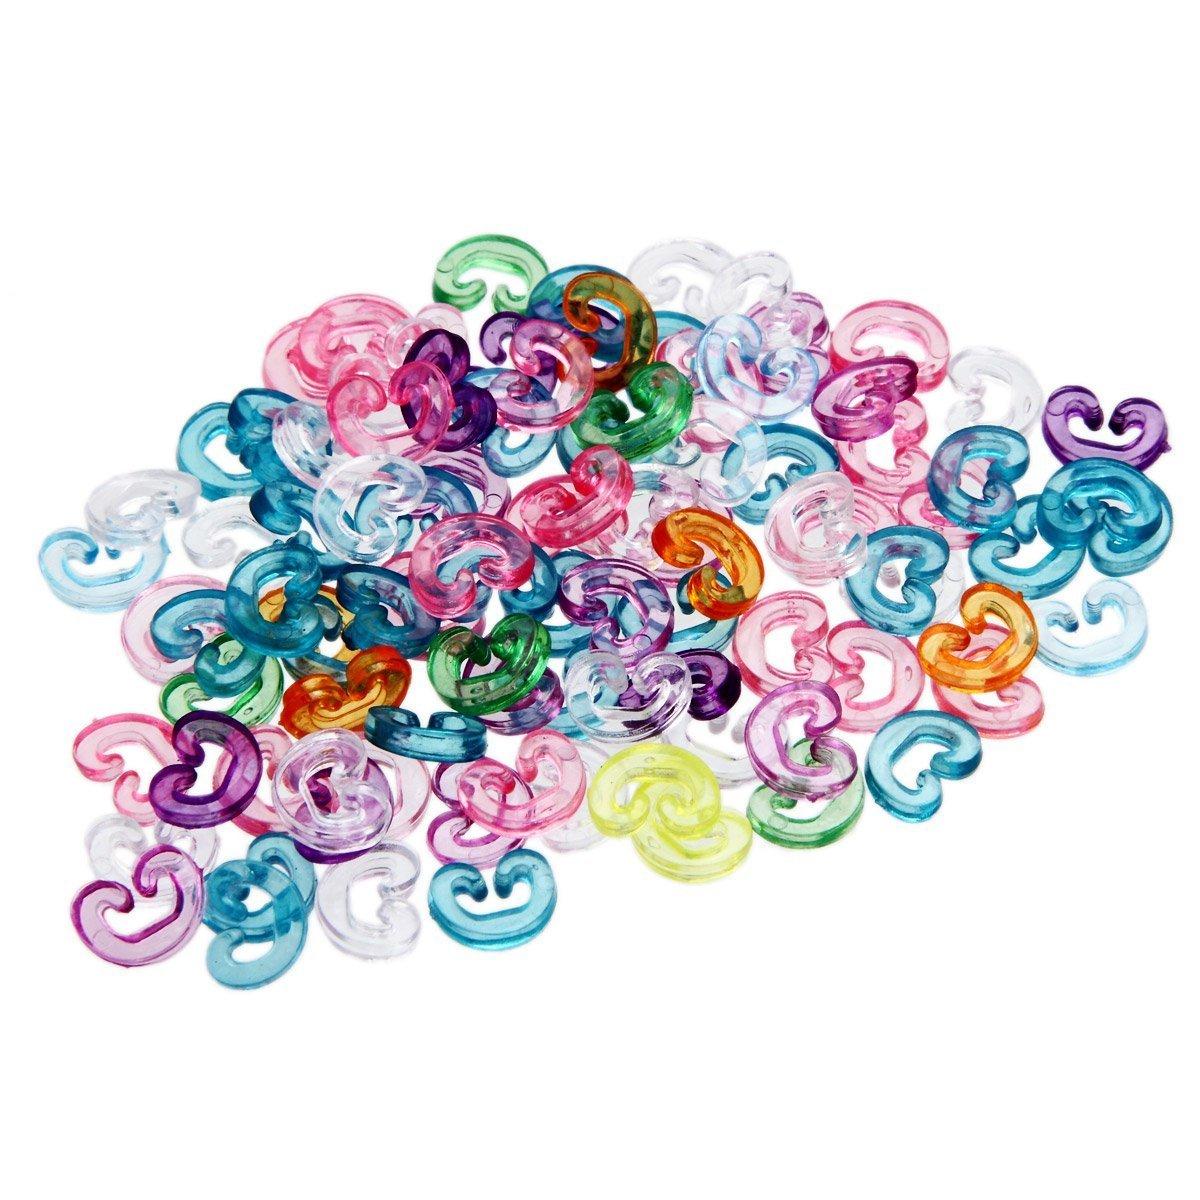 ETHAHE Loom Bands Recharge de 100pcs C-Attaches Multicolores pour Bracelets Elastiques